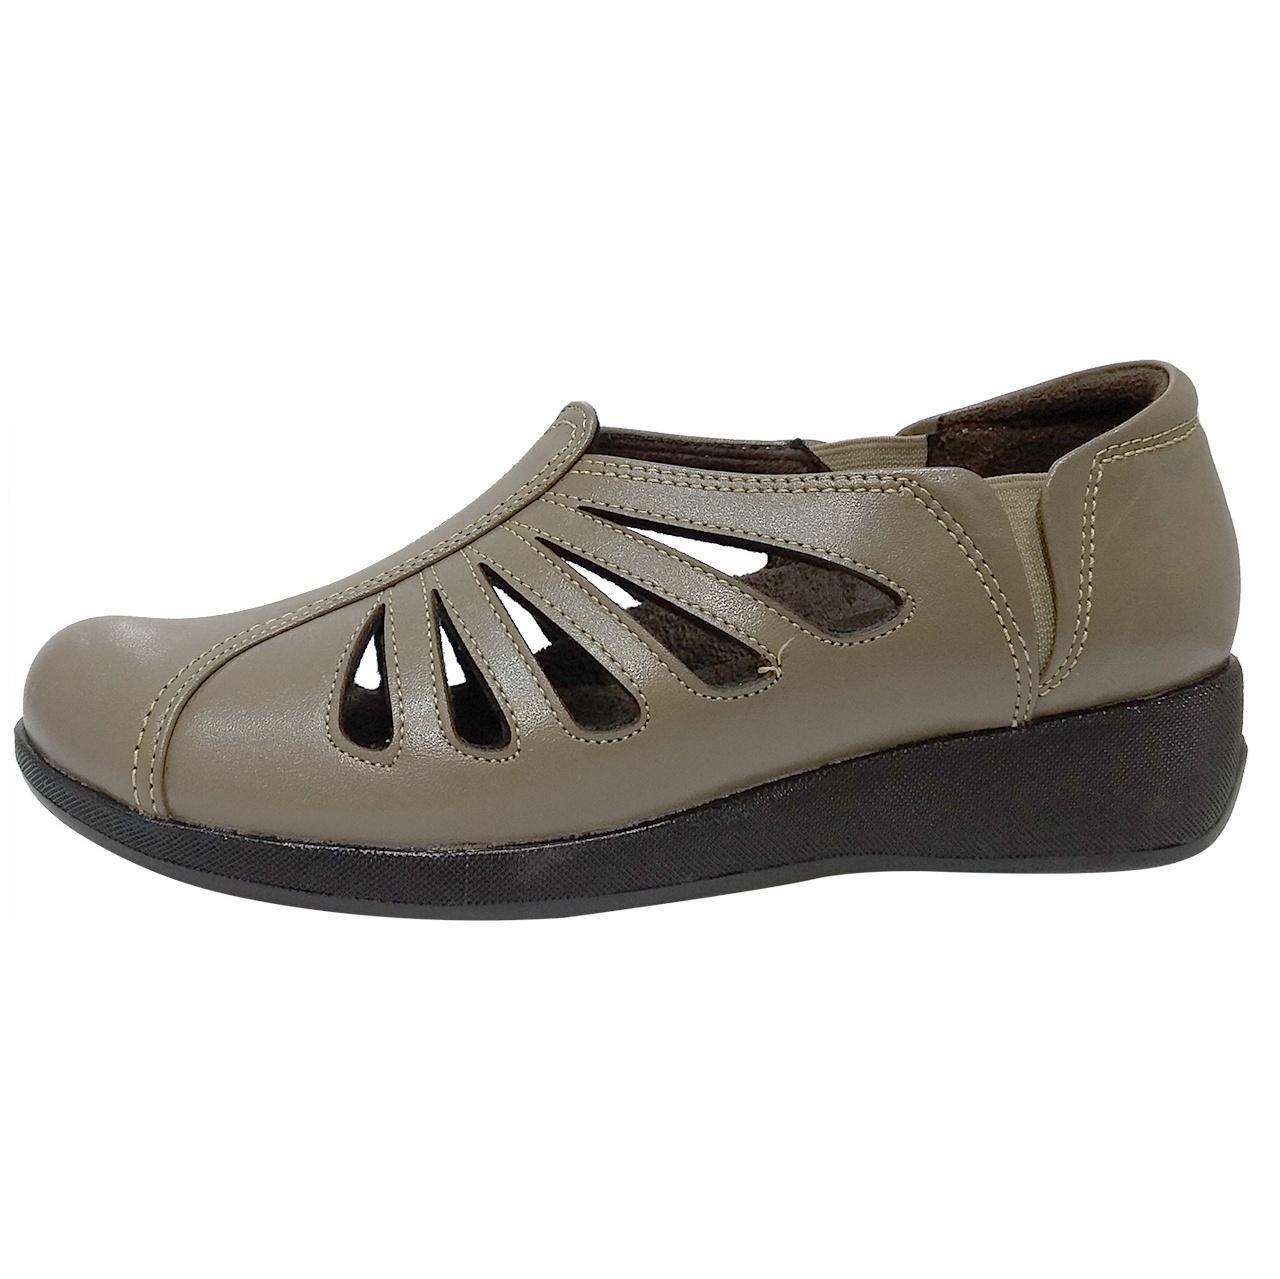 خرید                      کفش روزمره زنانه روشن مدل شاهین کد 04